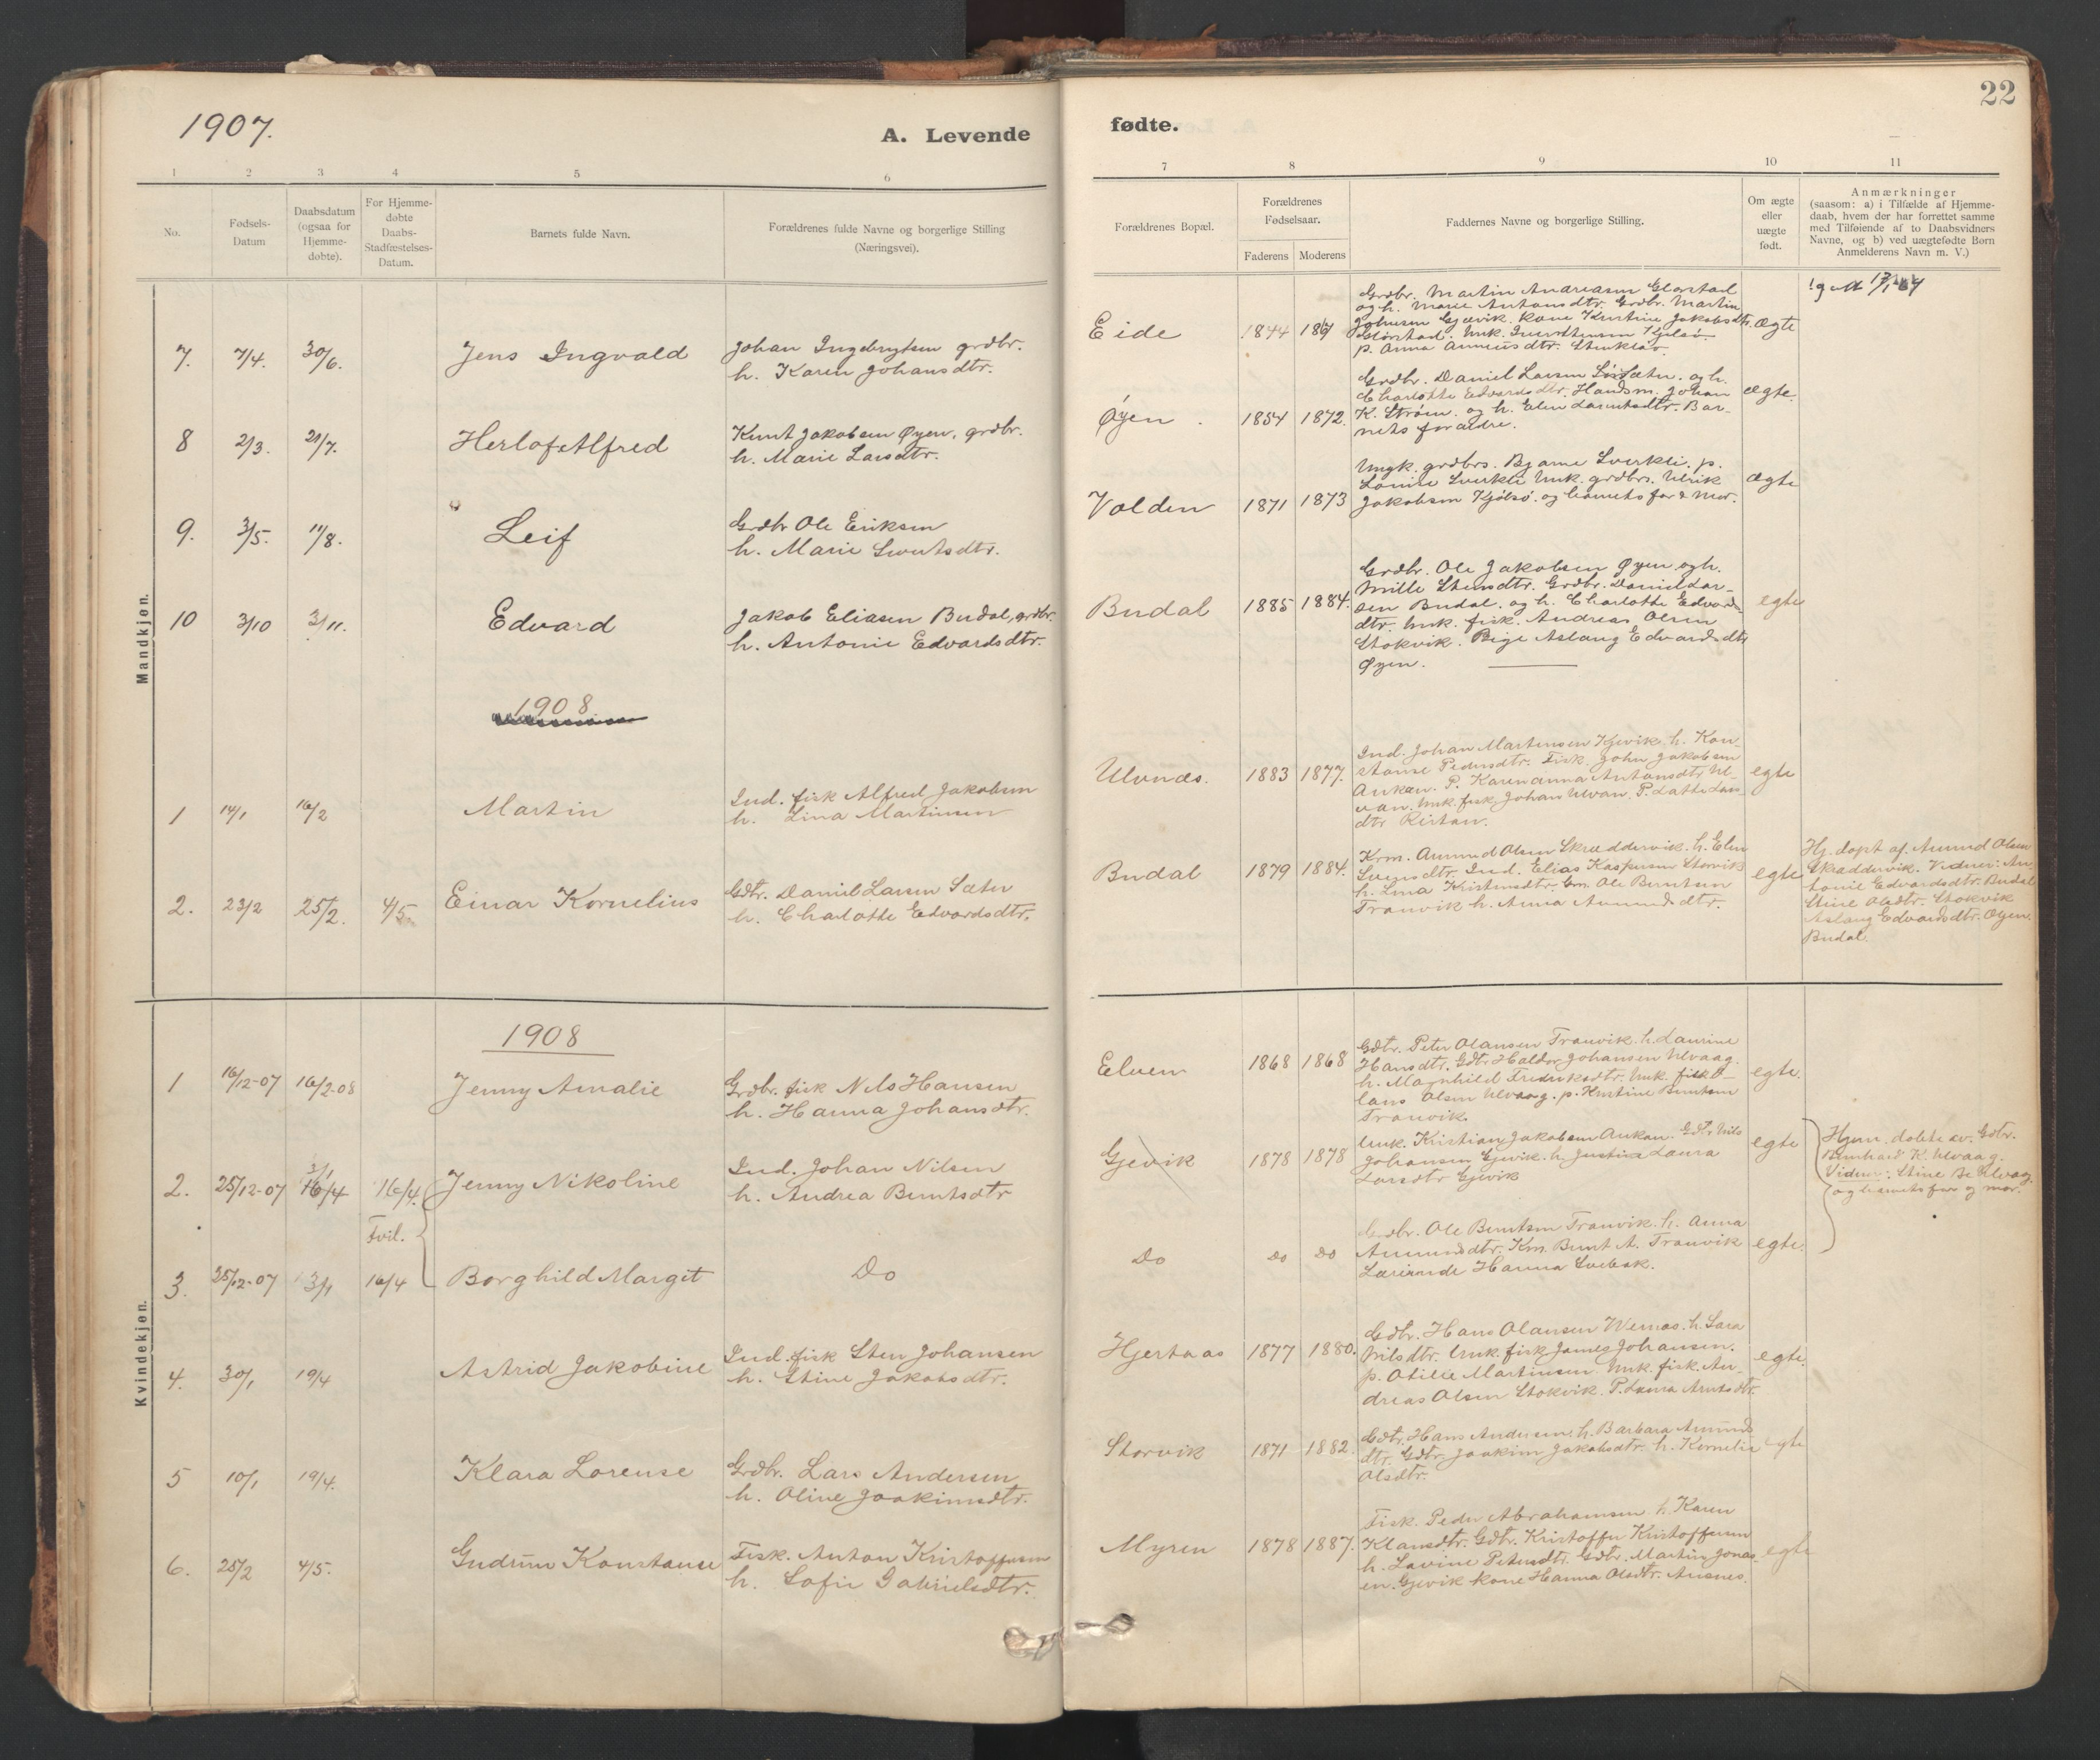 SAT, Ministerialprotokoller, klokkerbøker og fødselsregistre - Sør-Trøndelag, 637/L0559: Ministerialbok nr. 637A02, 1899-1923, s. 22